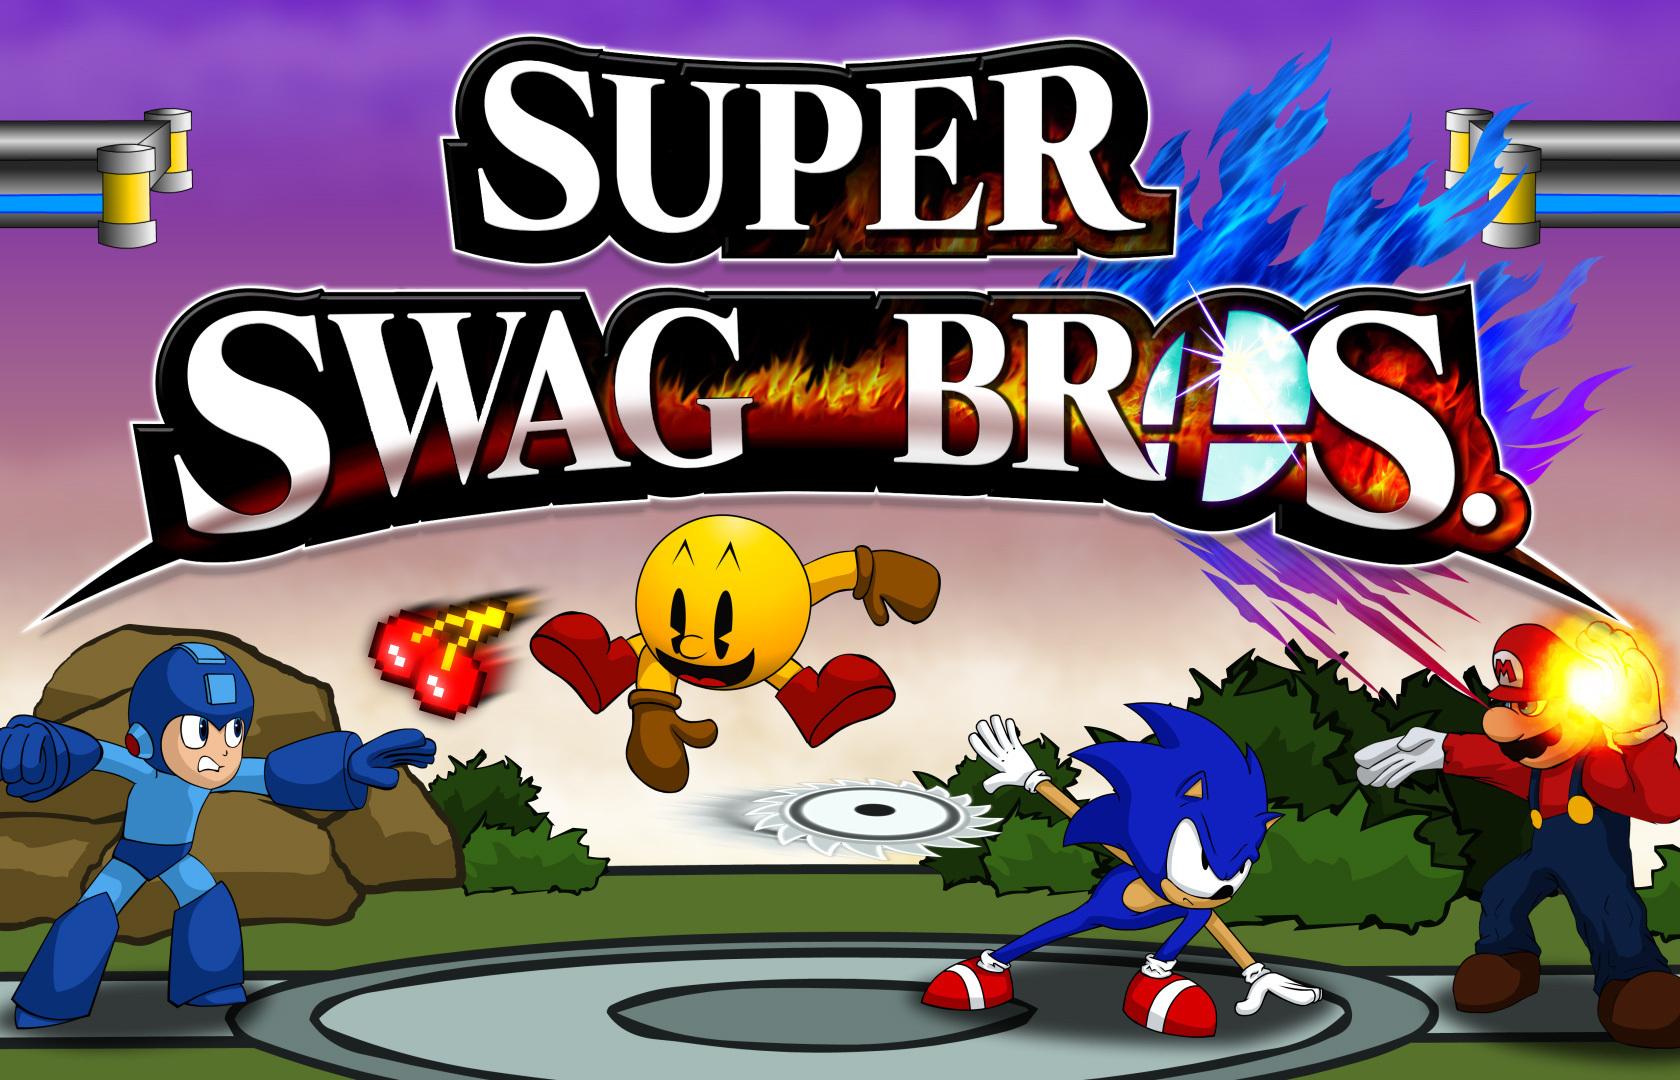 Super Swag Bros